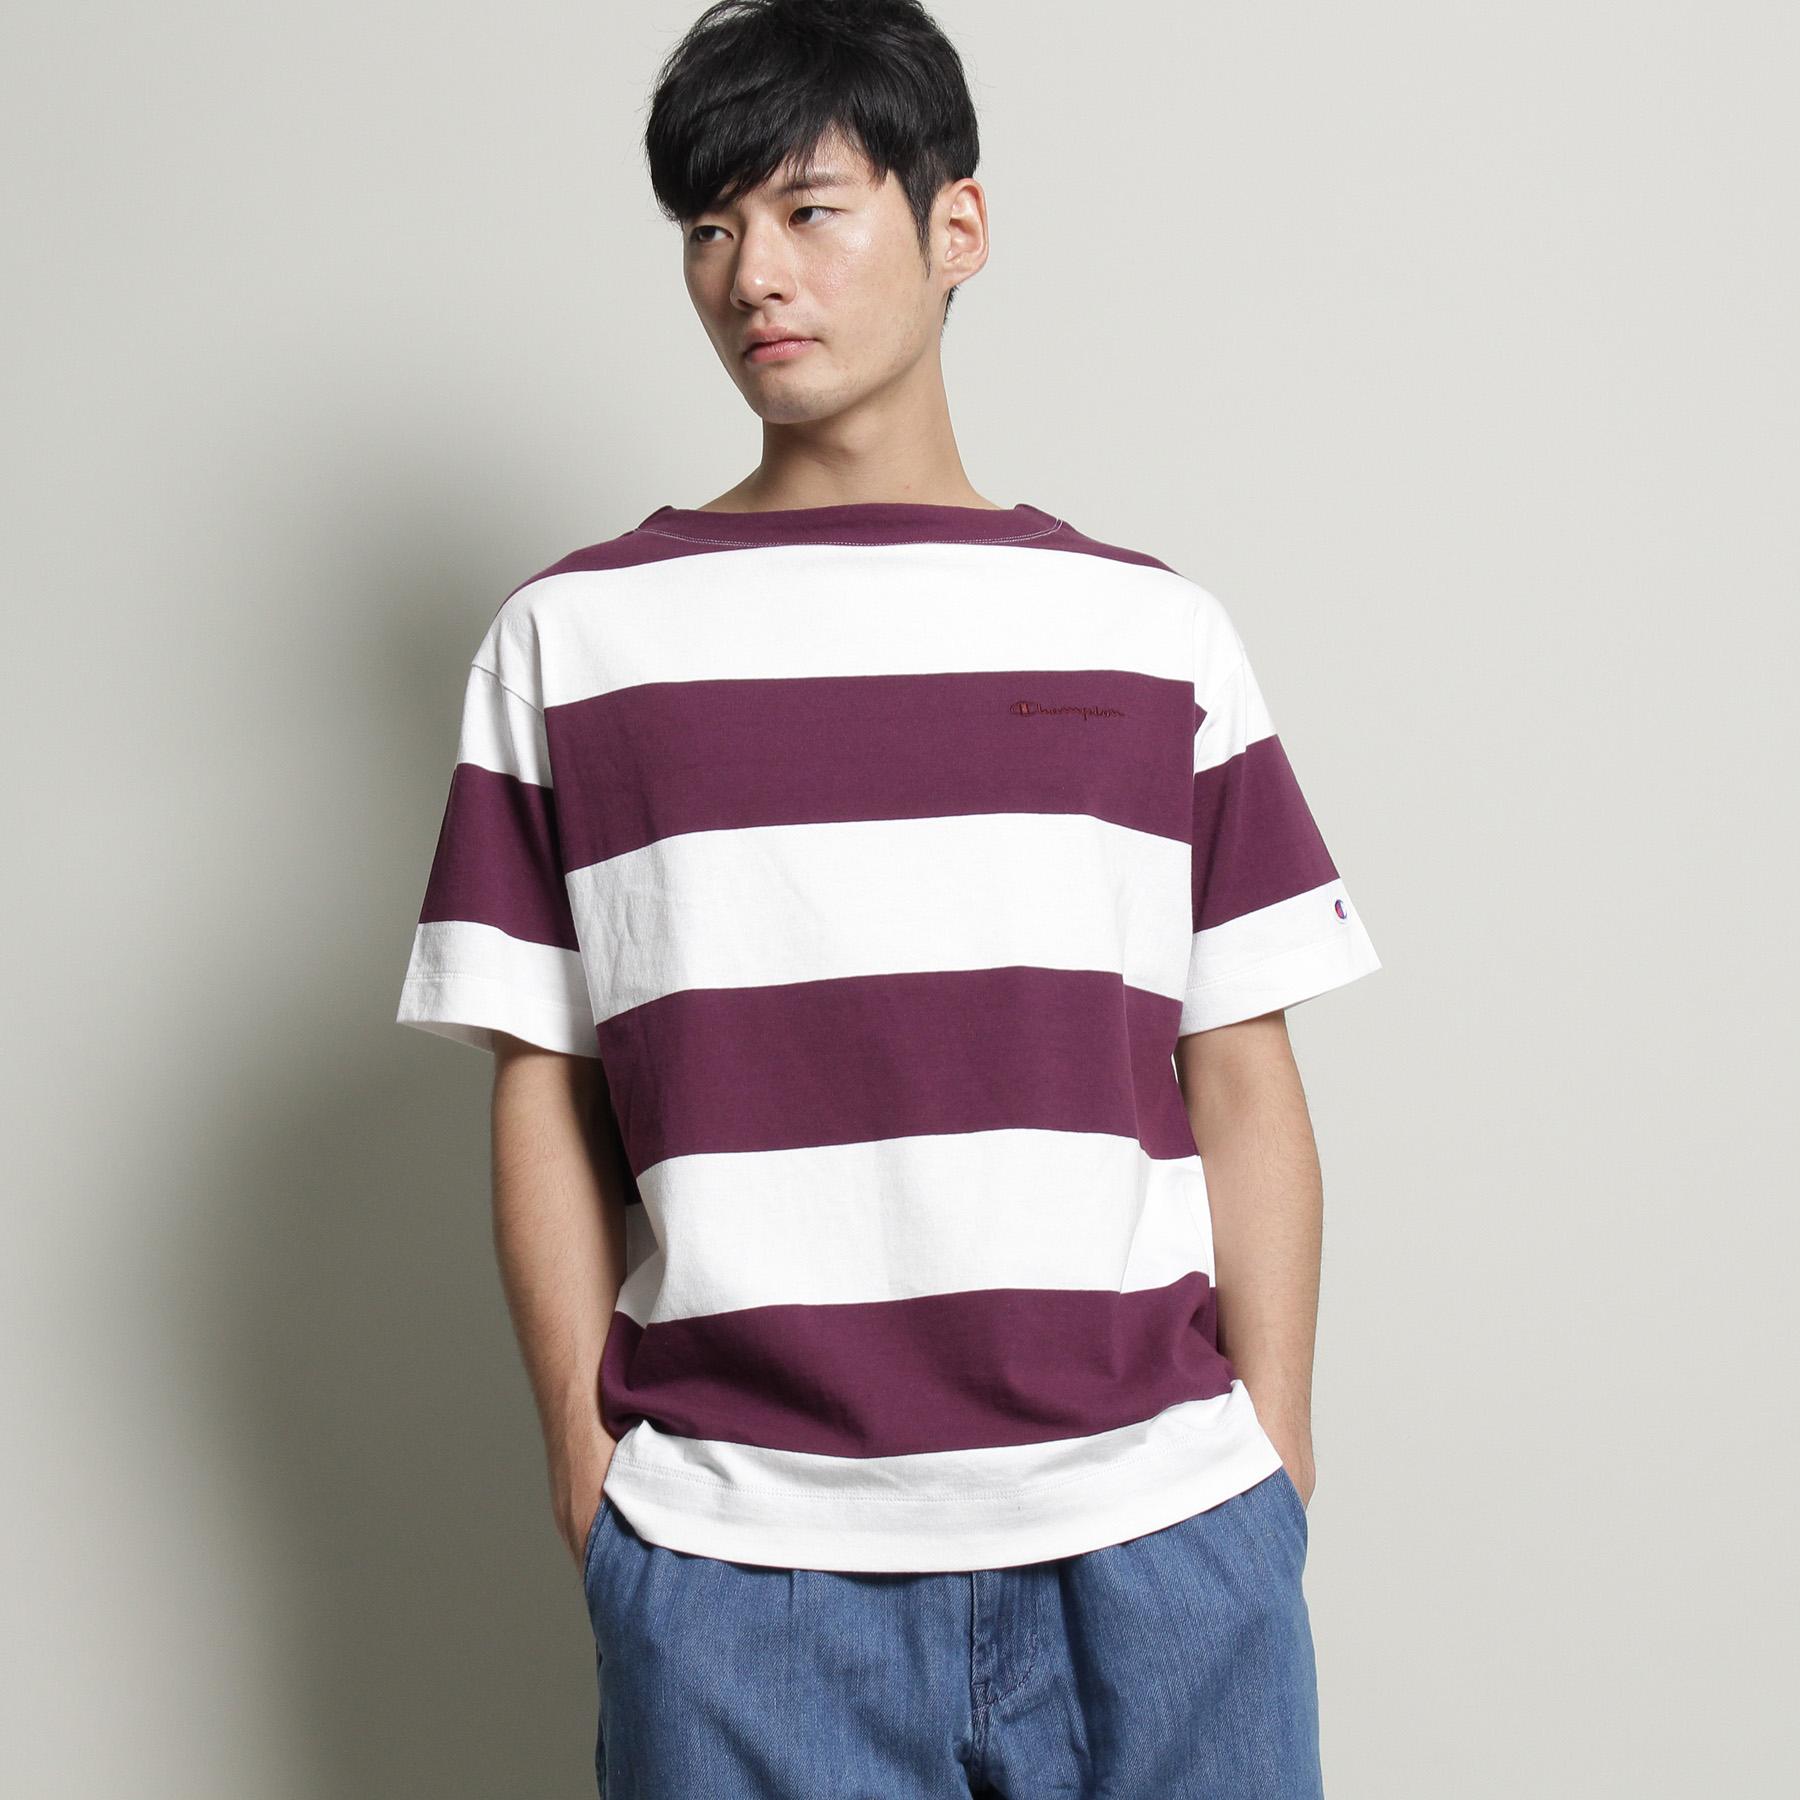 【THE SHOP TK(Men) (ザ ショップ ティーケー(メンズ))】【チャンピオン別注】ビッグボーダーTシャツメンズ トップス カットソー・Tシャツ パープル